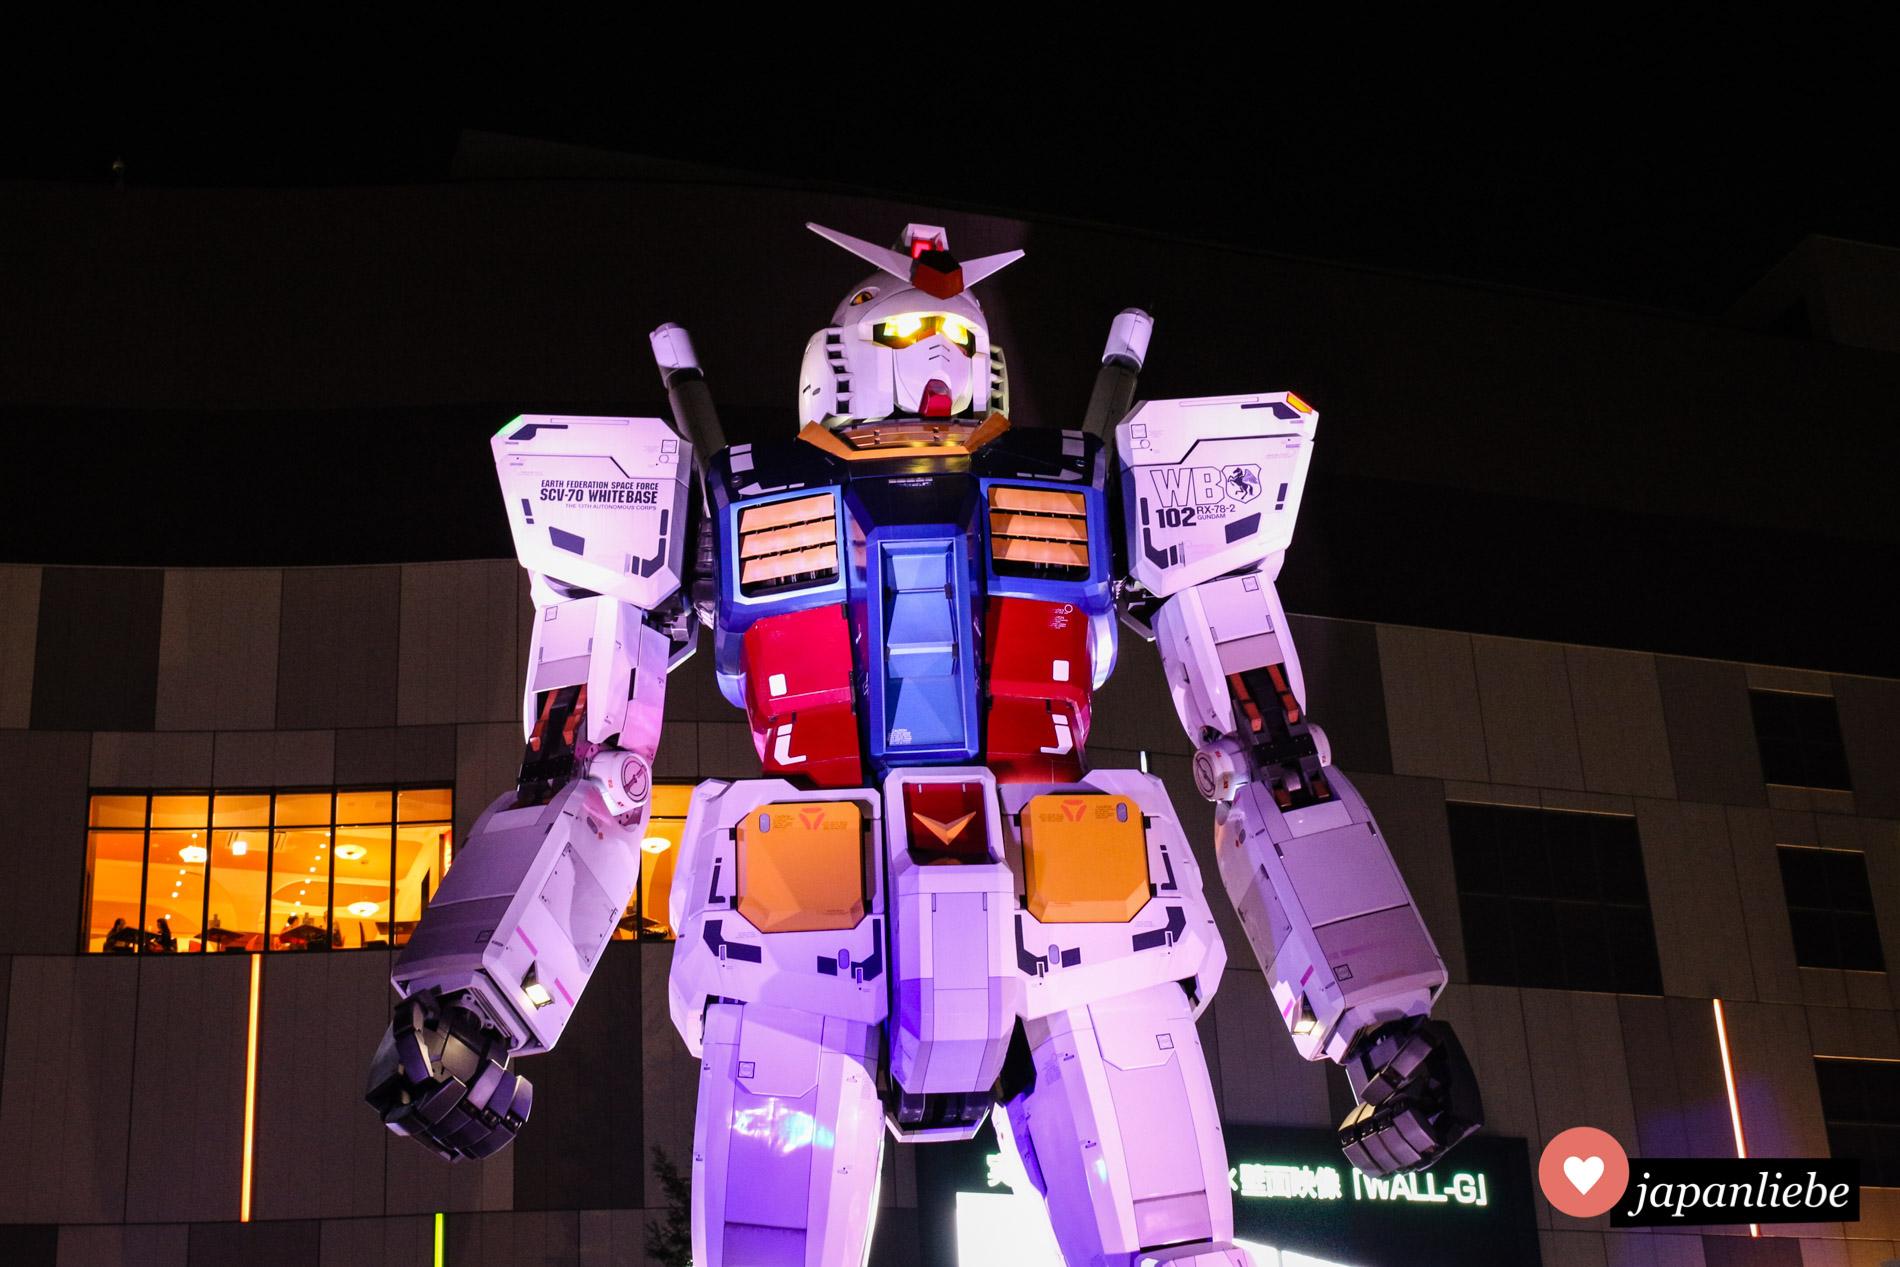 Mehrere Jahre was dieses Gundam-Modell RX-78-2 auf Odaiba zu bewundern.